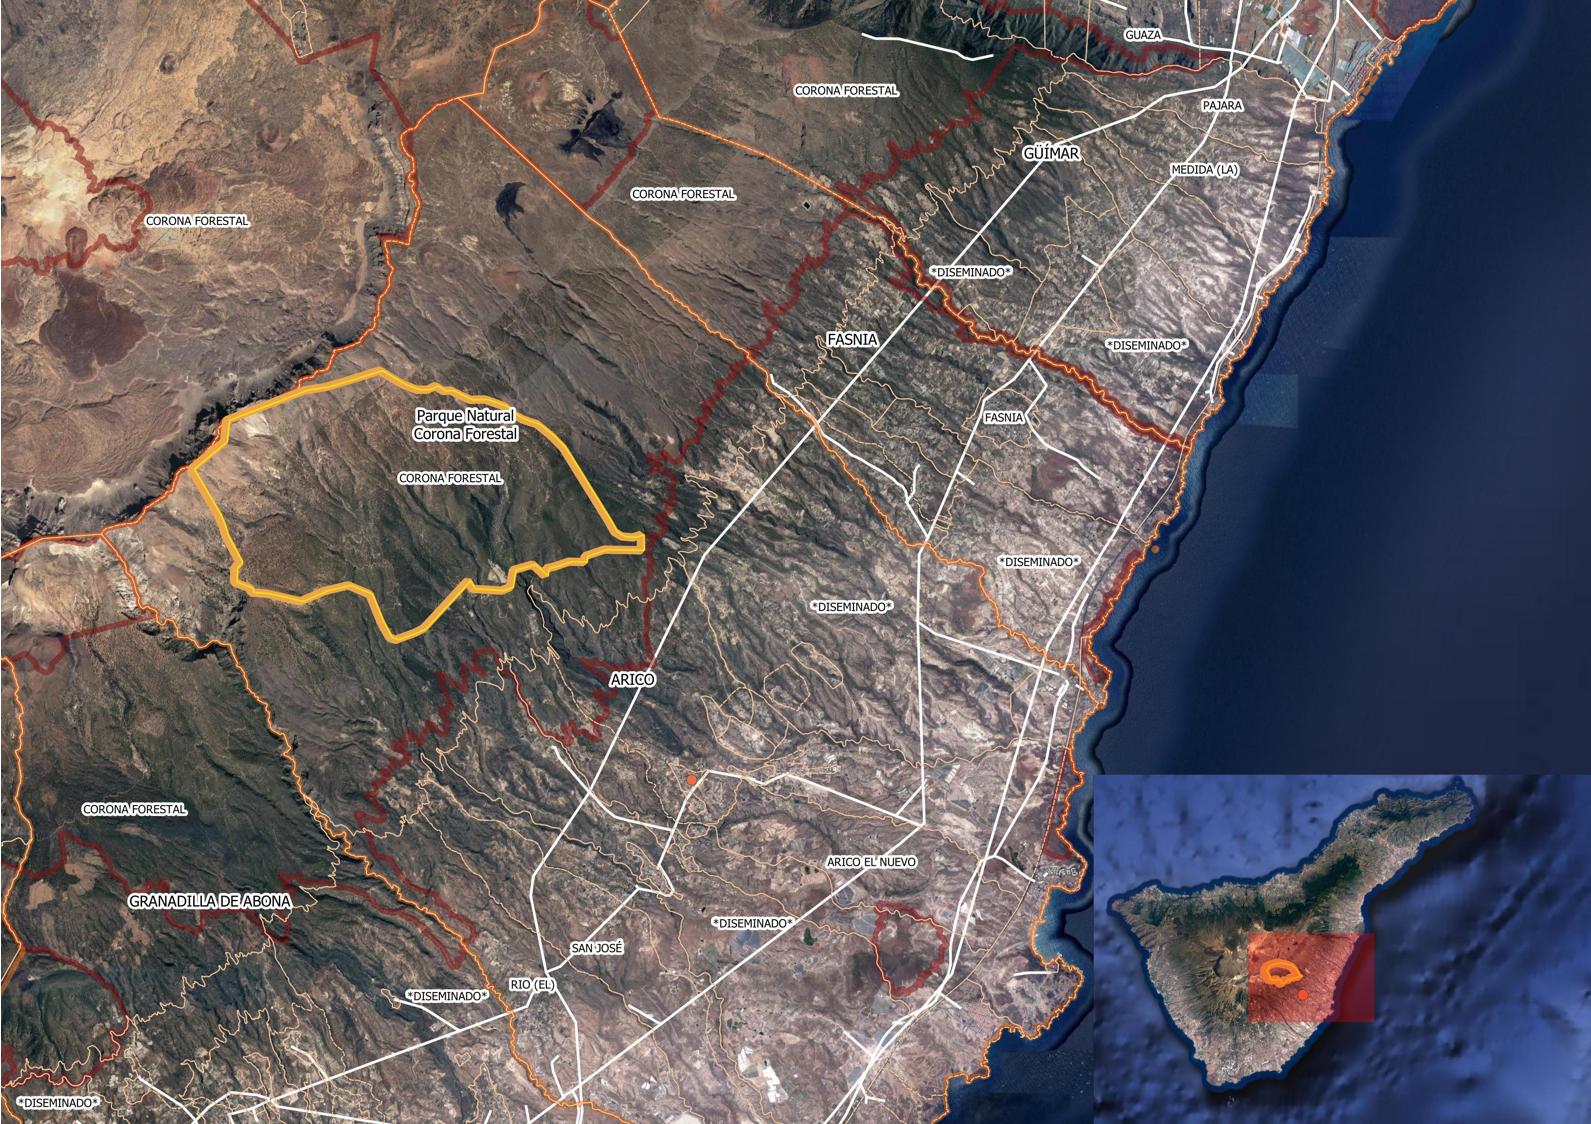 El incendio en Tenerife abarca ya una superficie de 3.300 hectáreas y se extingue en el Parque Nacional del Teide